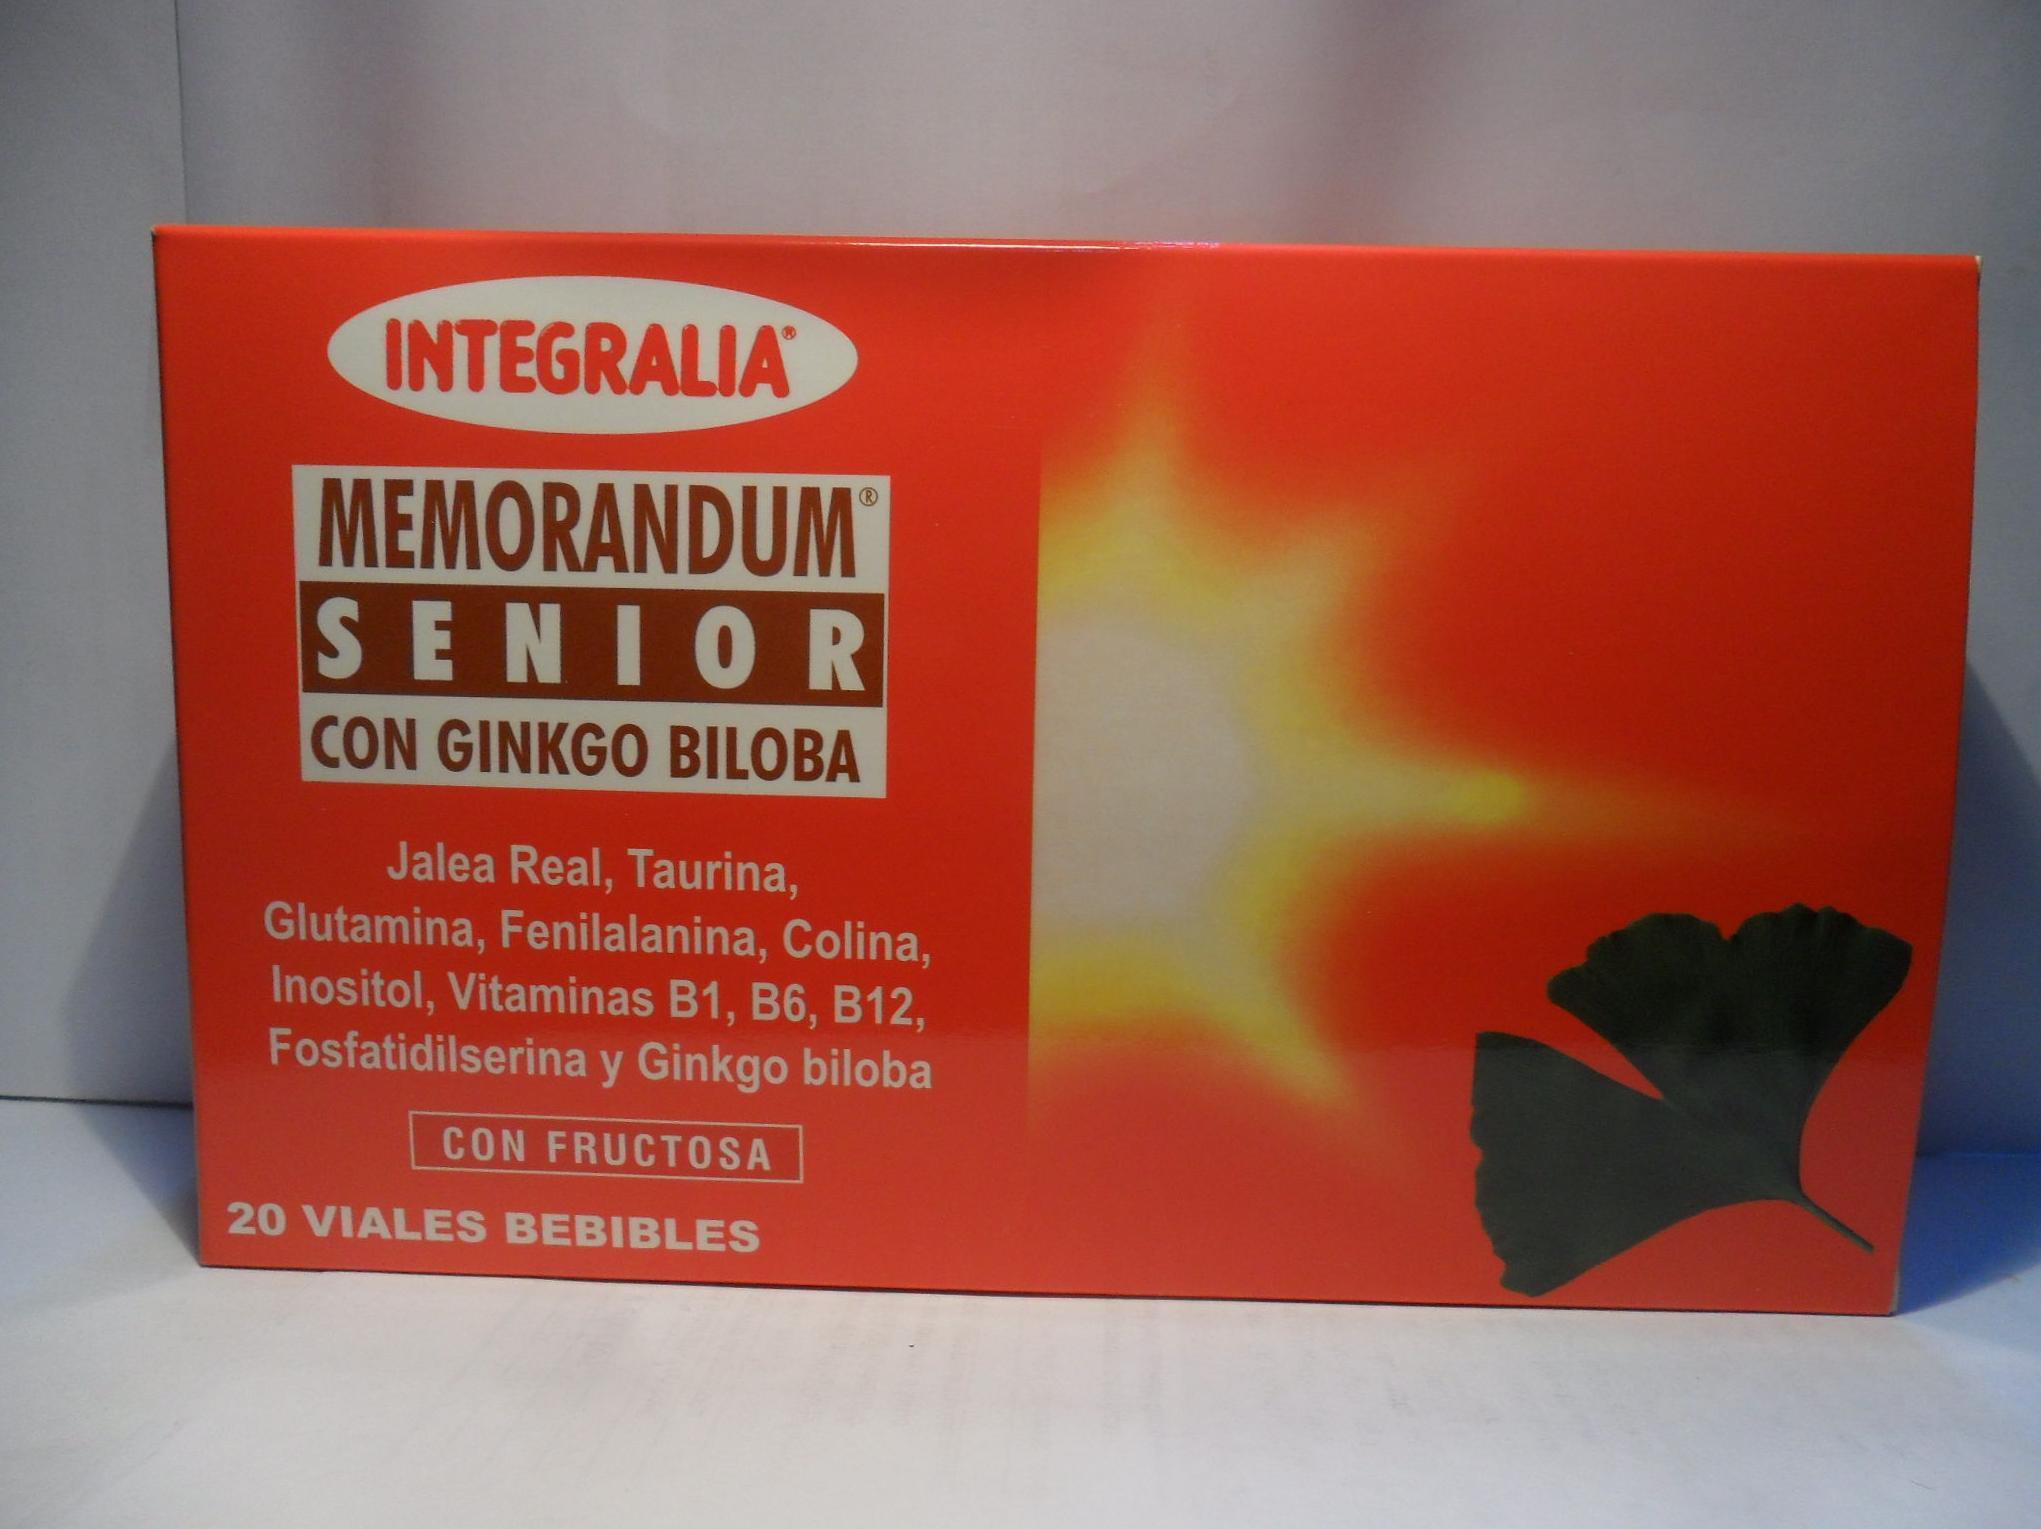 Memorandum Senior con Ginko Biloba Integralia: Catálogo de productos de Herbolario El Monte